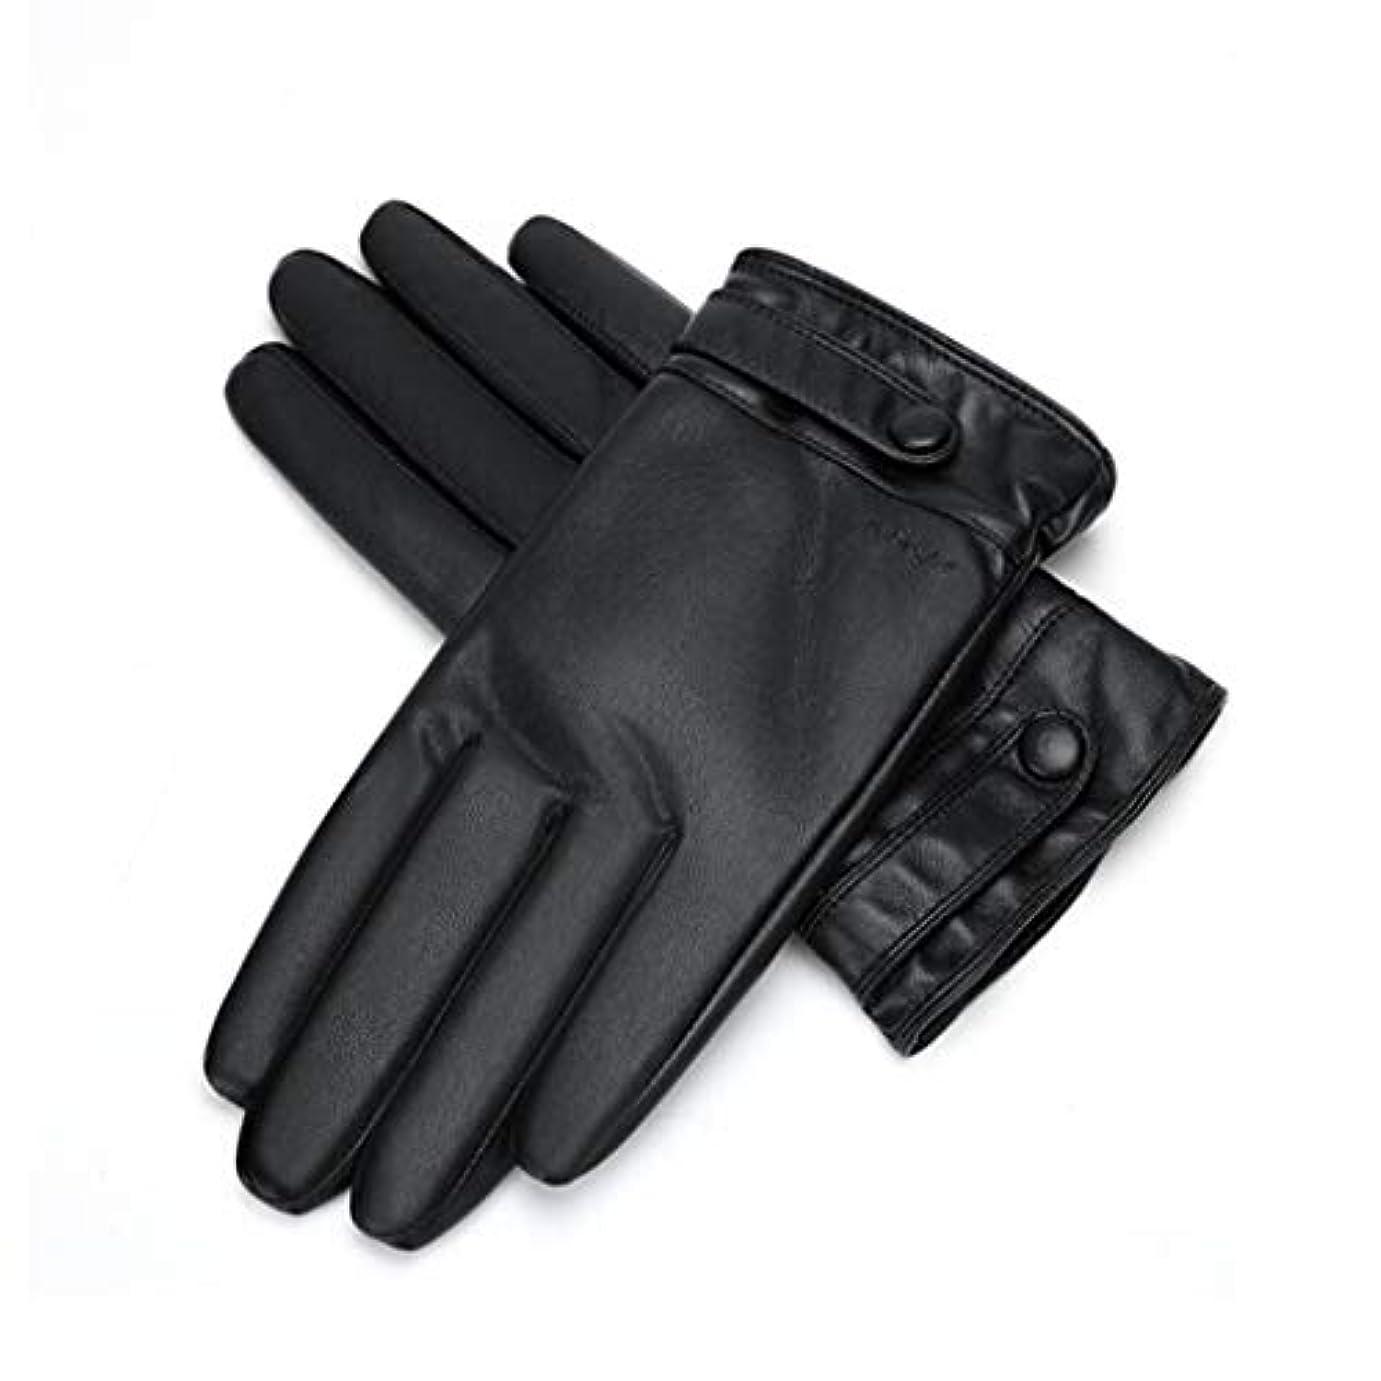 過度にヨーグルトカニ暖かい秋と冬を保つためにメンズ革手袋のタッチスクリーンメンズ自転車厚いぬいぐるみ手袋 (サイズ さいず : L21*8.9cm)